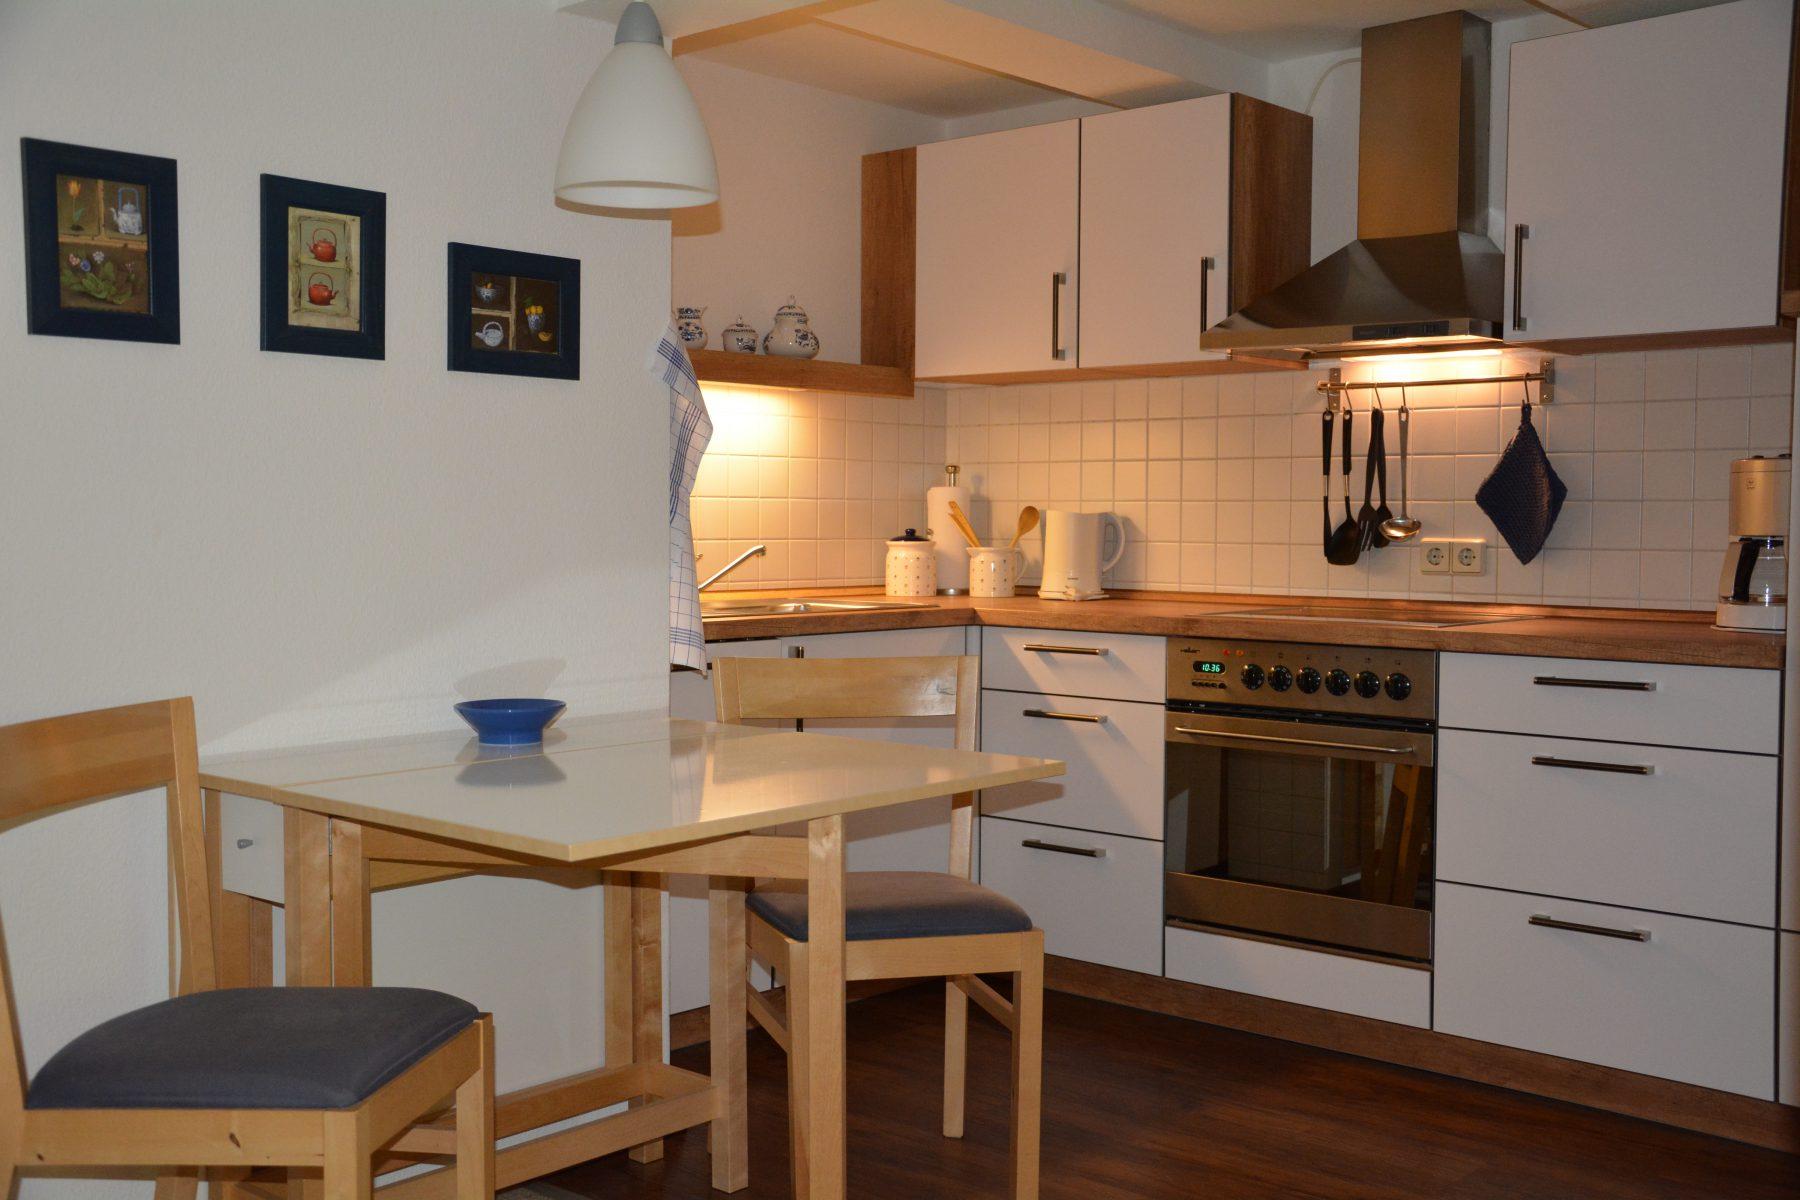 Ferienwohnung im Verlegerhaus Seiffen Kategorie N1b Detail Küche